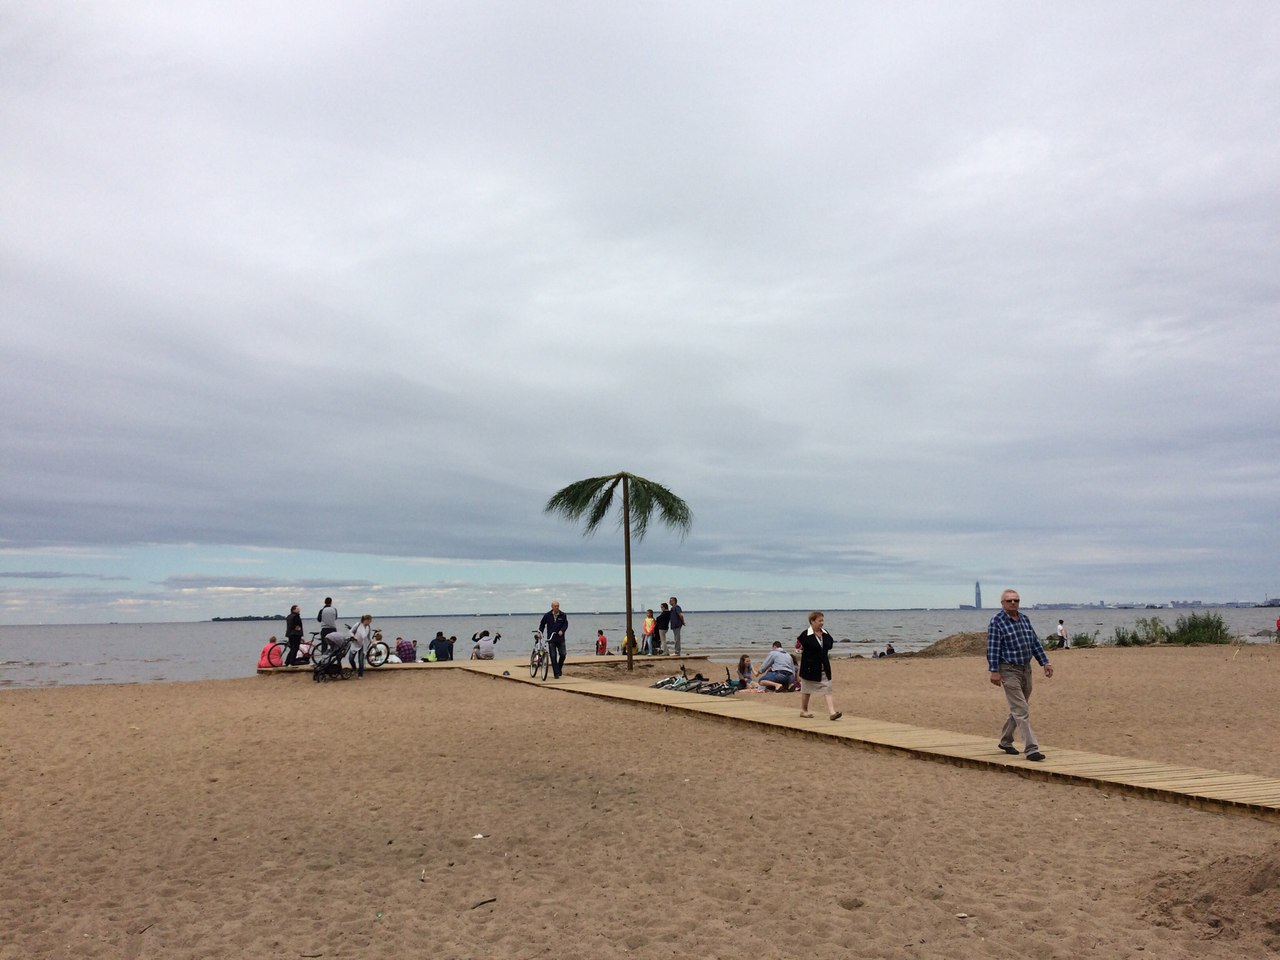 Чиновники Смольного заявили о несуществовании Жемчужного пляжа